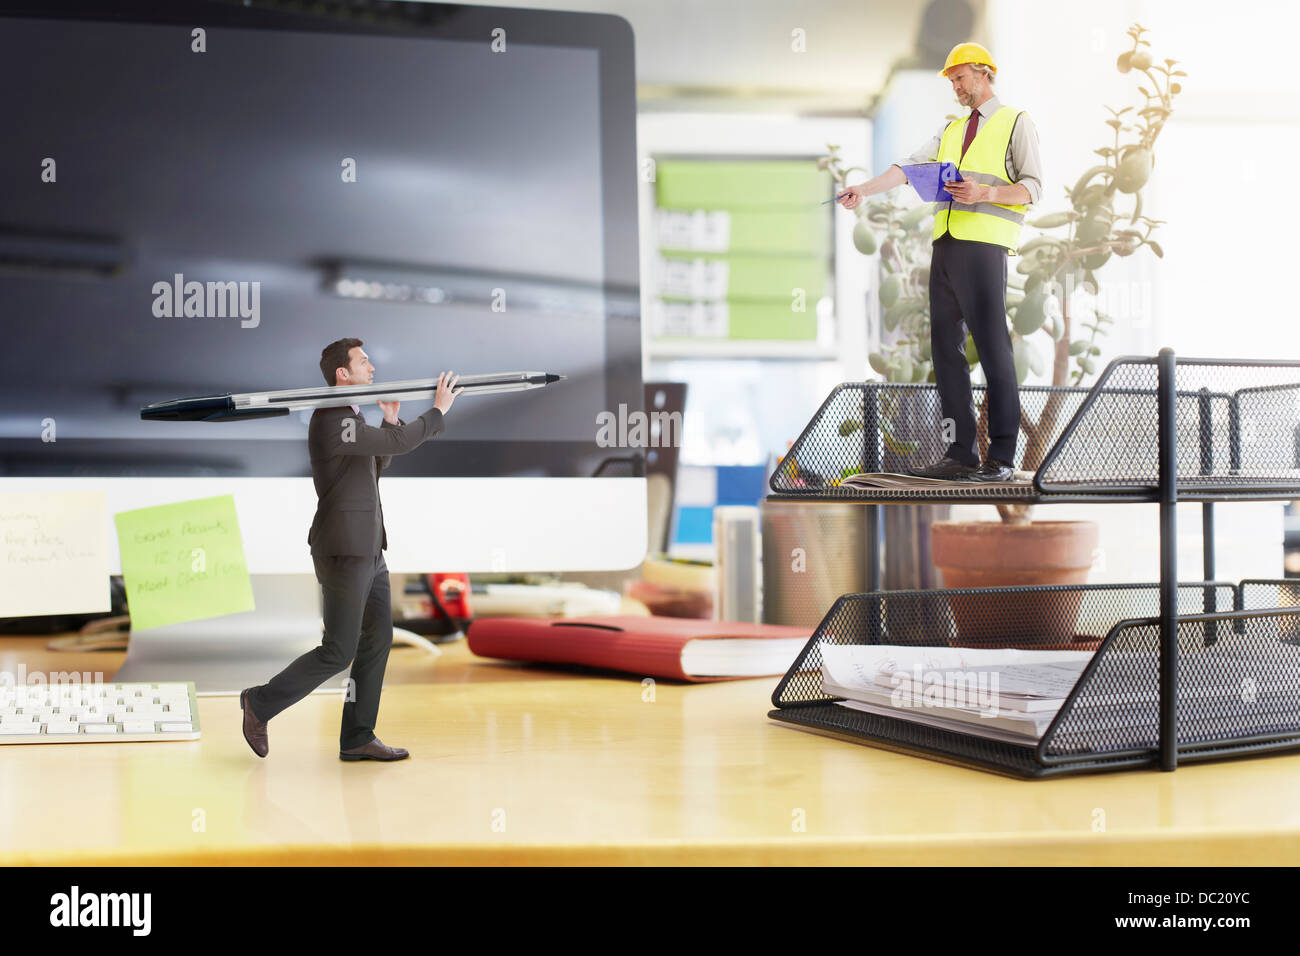 Contremaître diriger mature businessman carrying large stylo sur un immense bureau Photo Stock